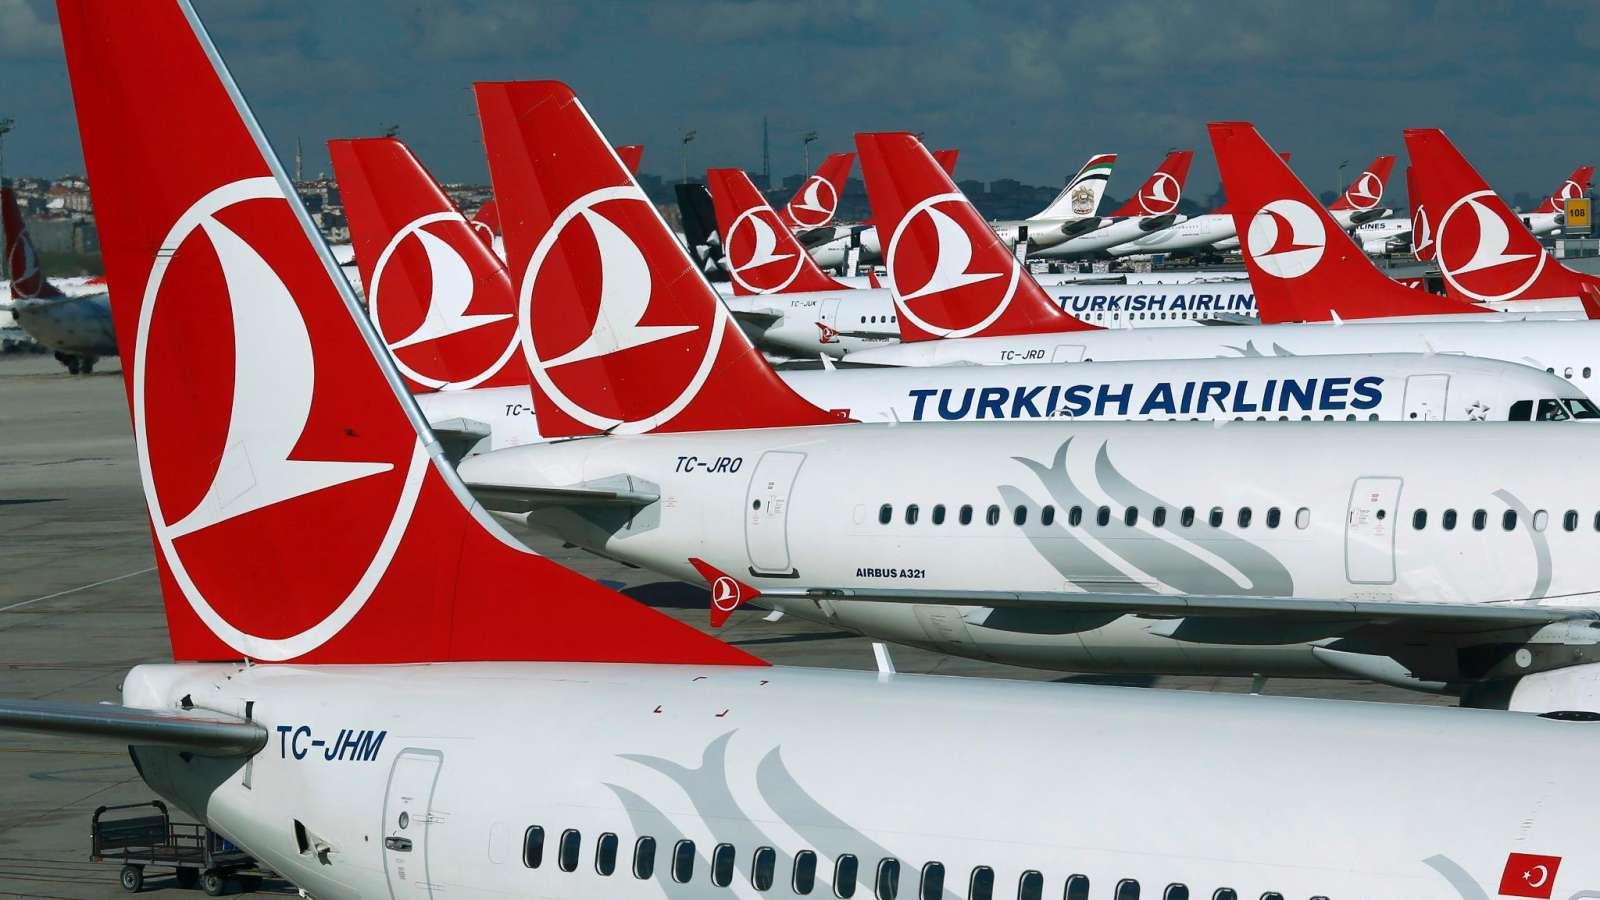 Turkish Airlines fliegt mehr Länder an als alle anderen Fluglinien.